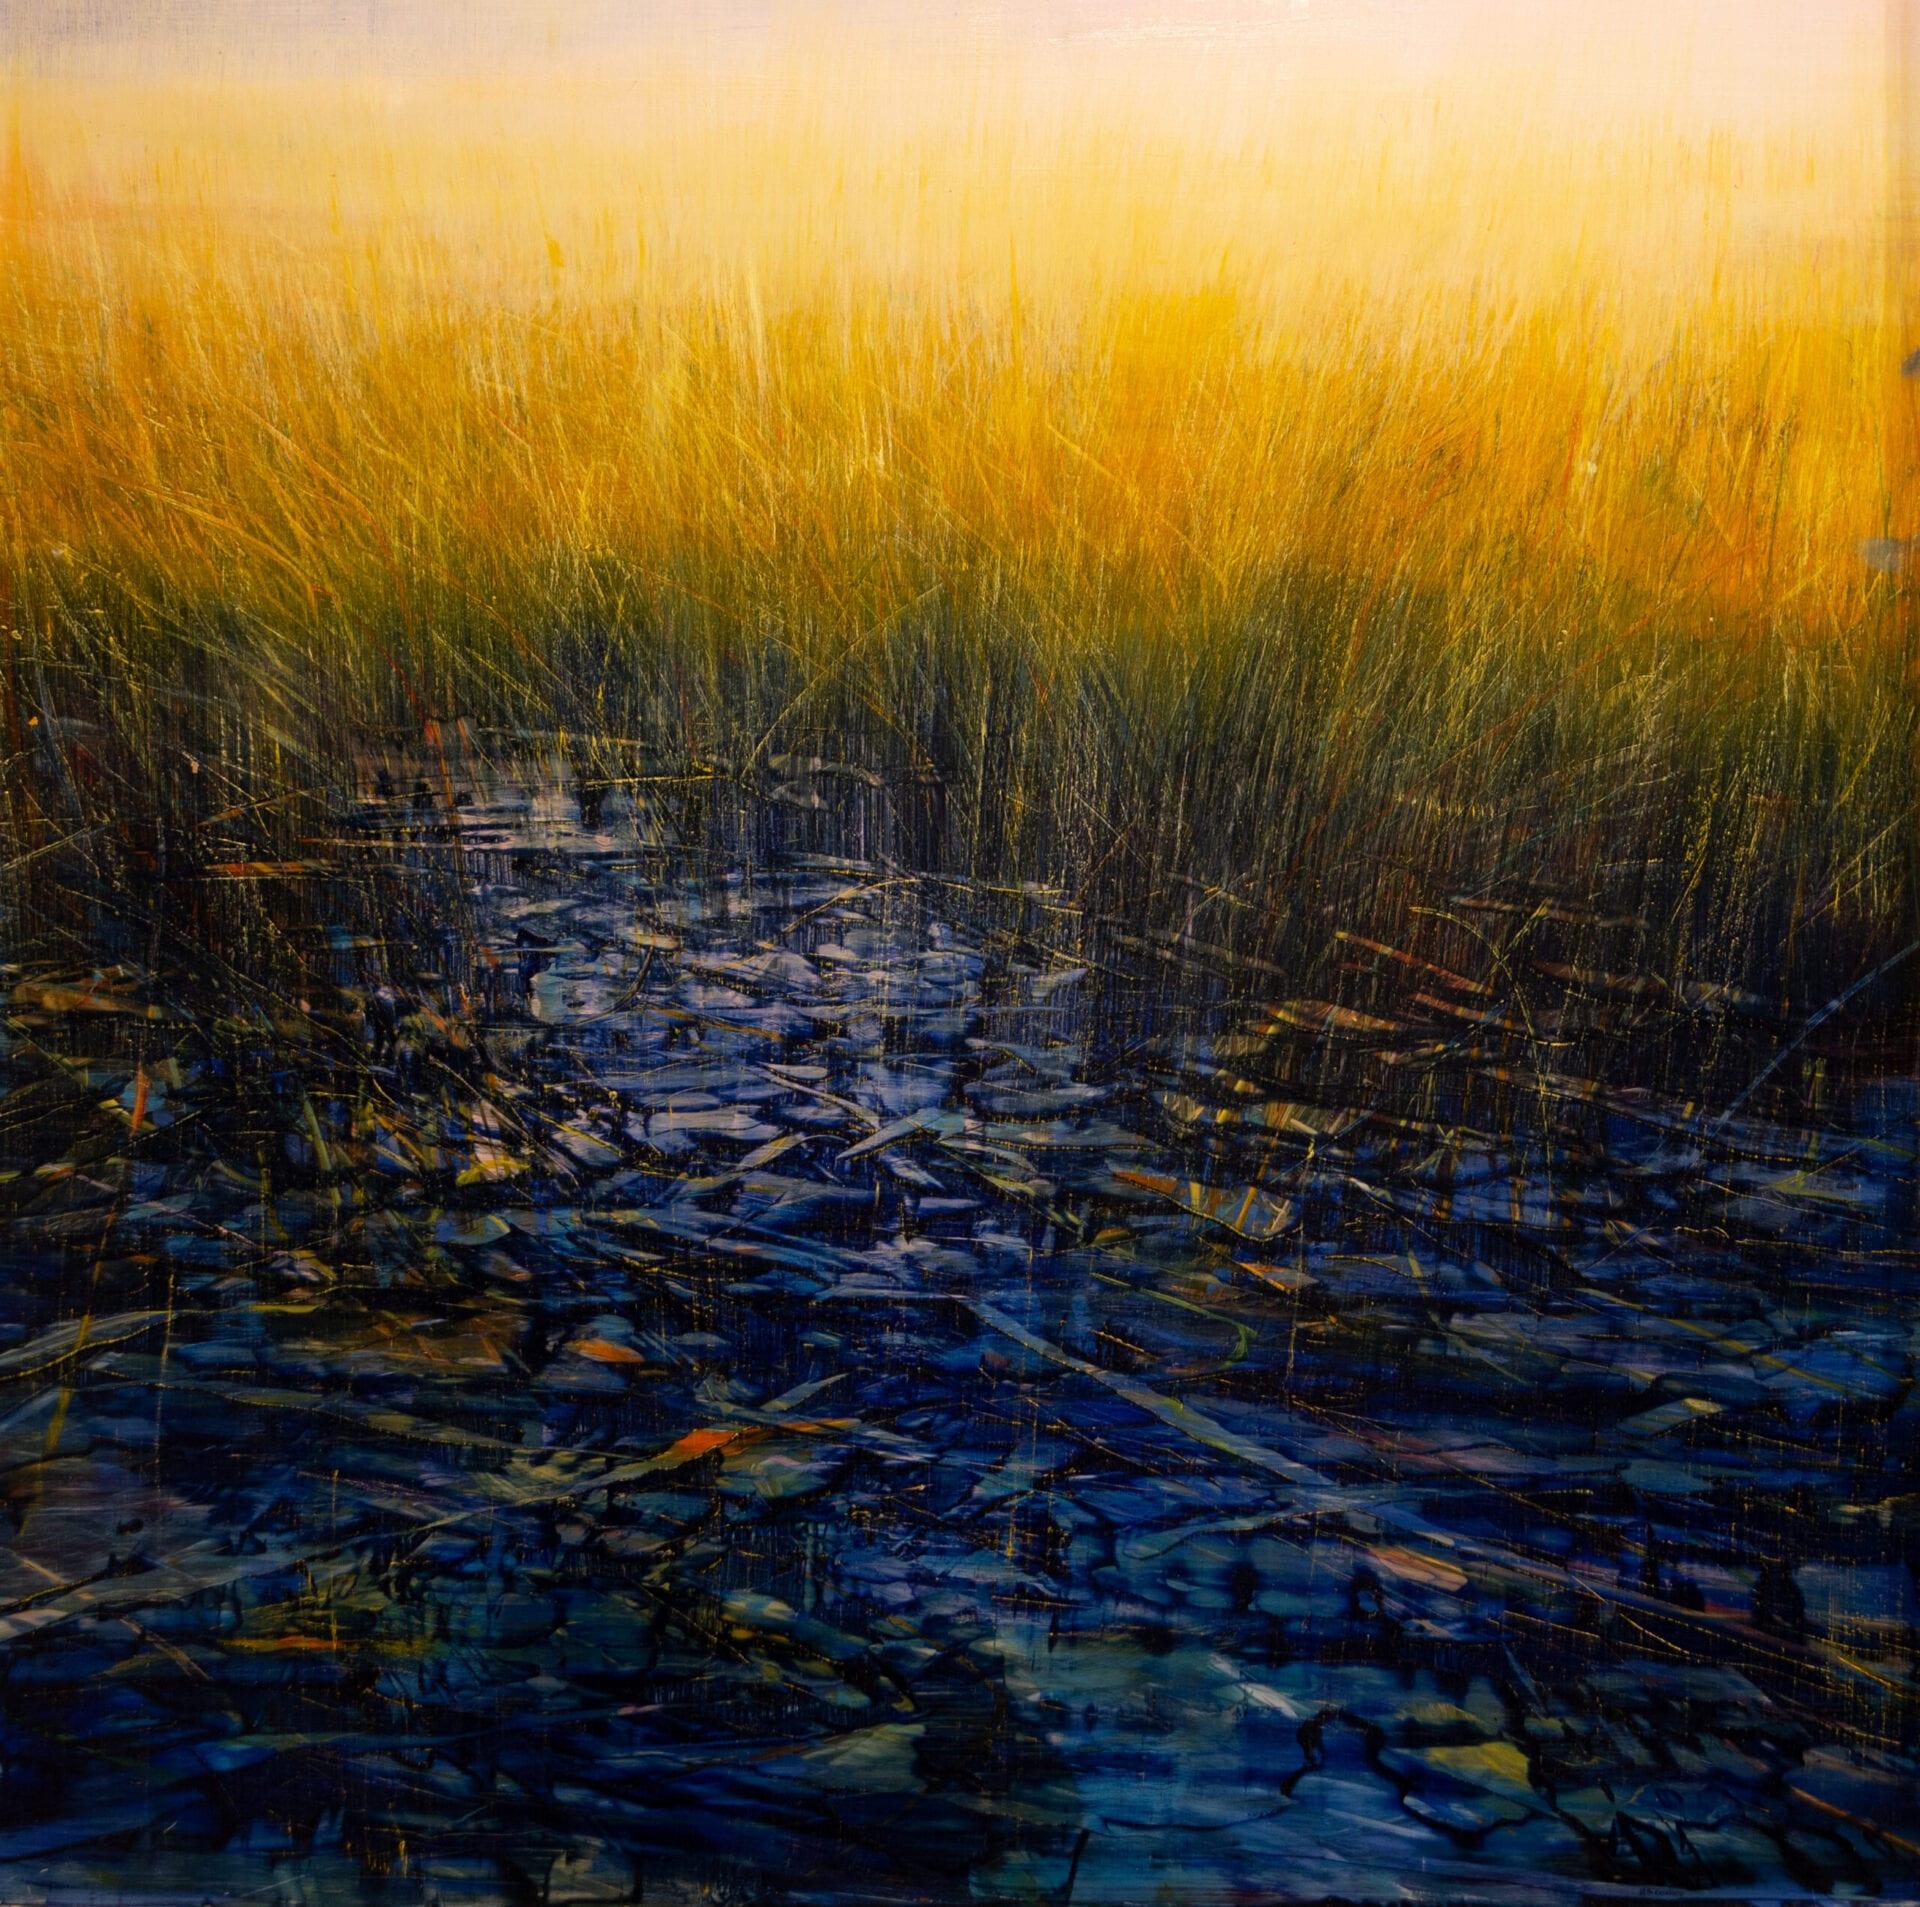 David Dunlop - Luminous Shore